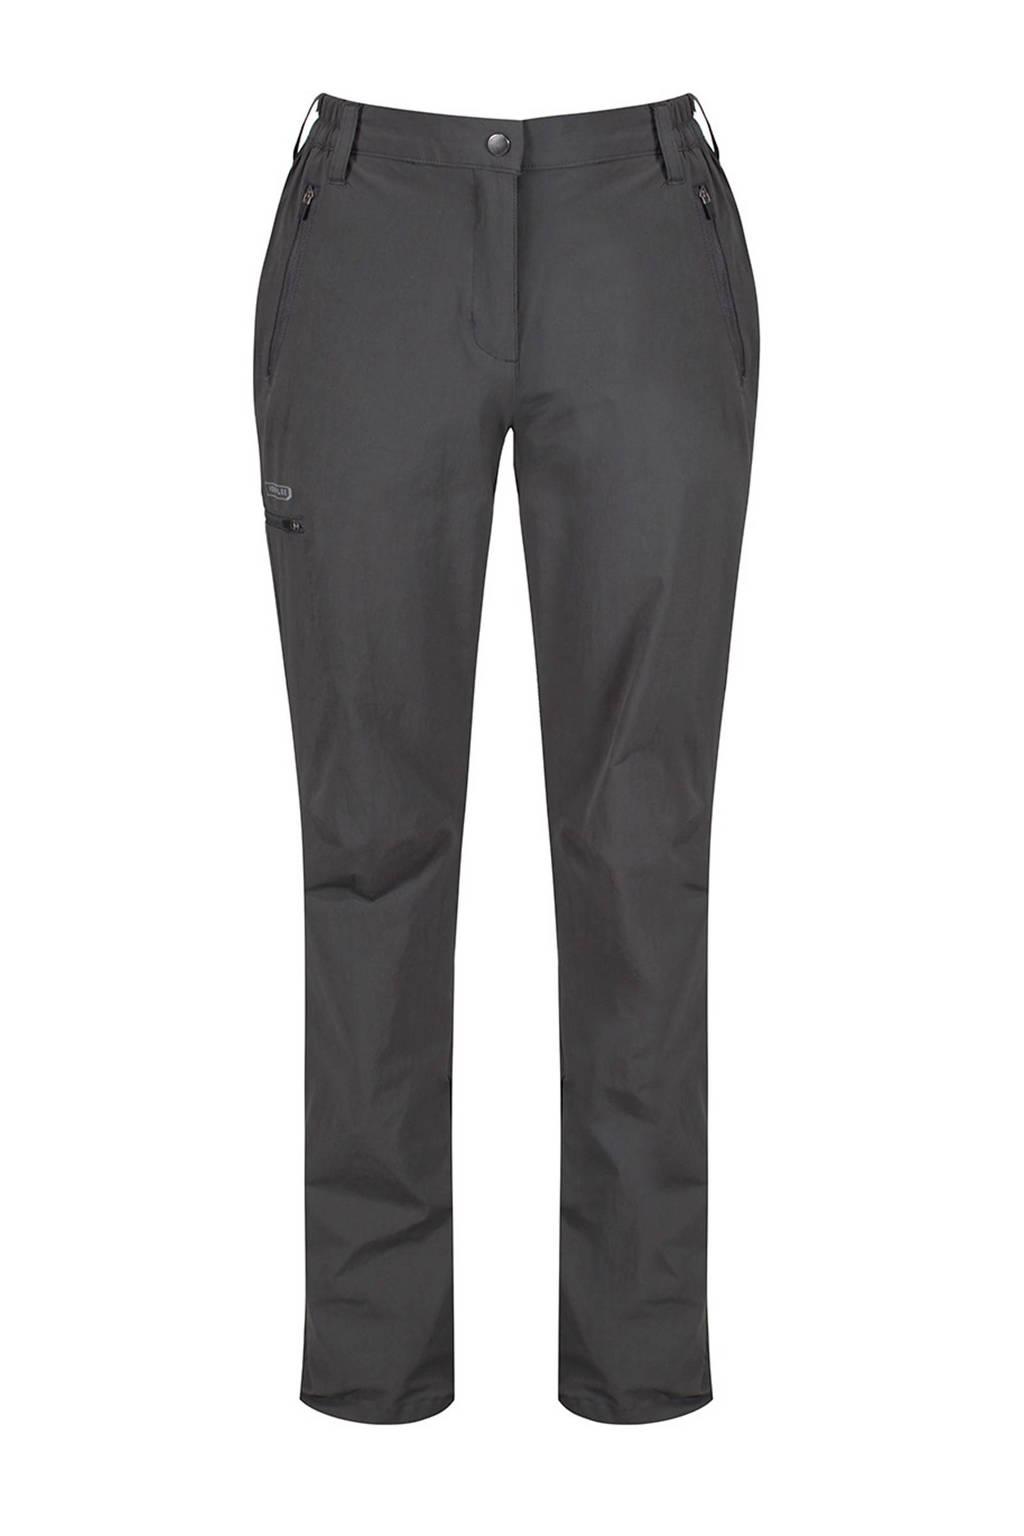 Regatta Xert II outdoor broek 31 inch donkergrijs, Donkergrijs